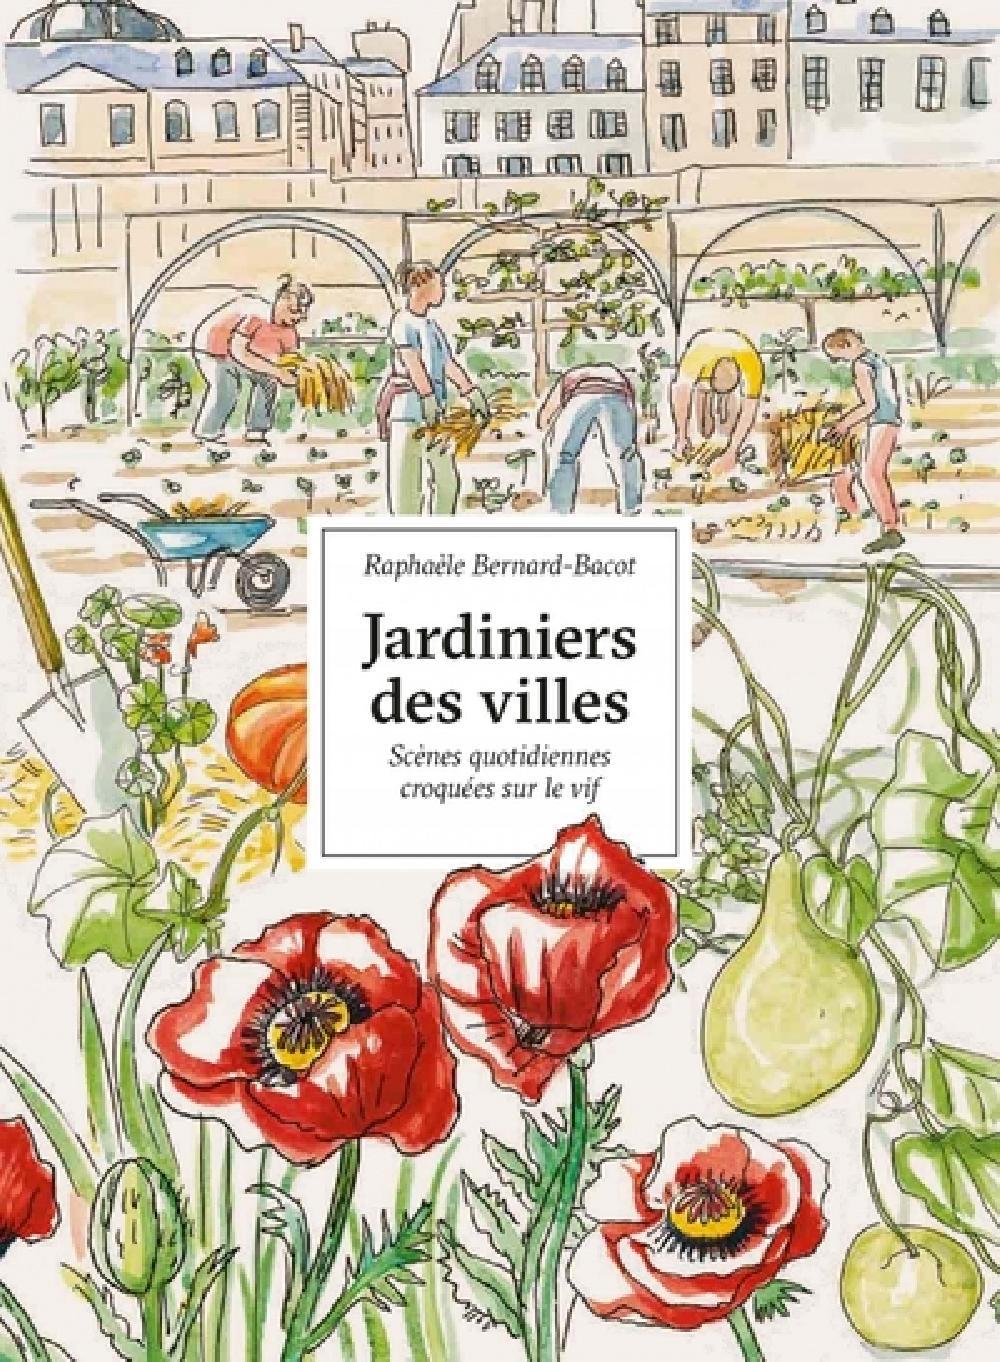 Jardiniers des villes - Portraits croqués sur le vif